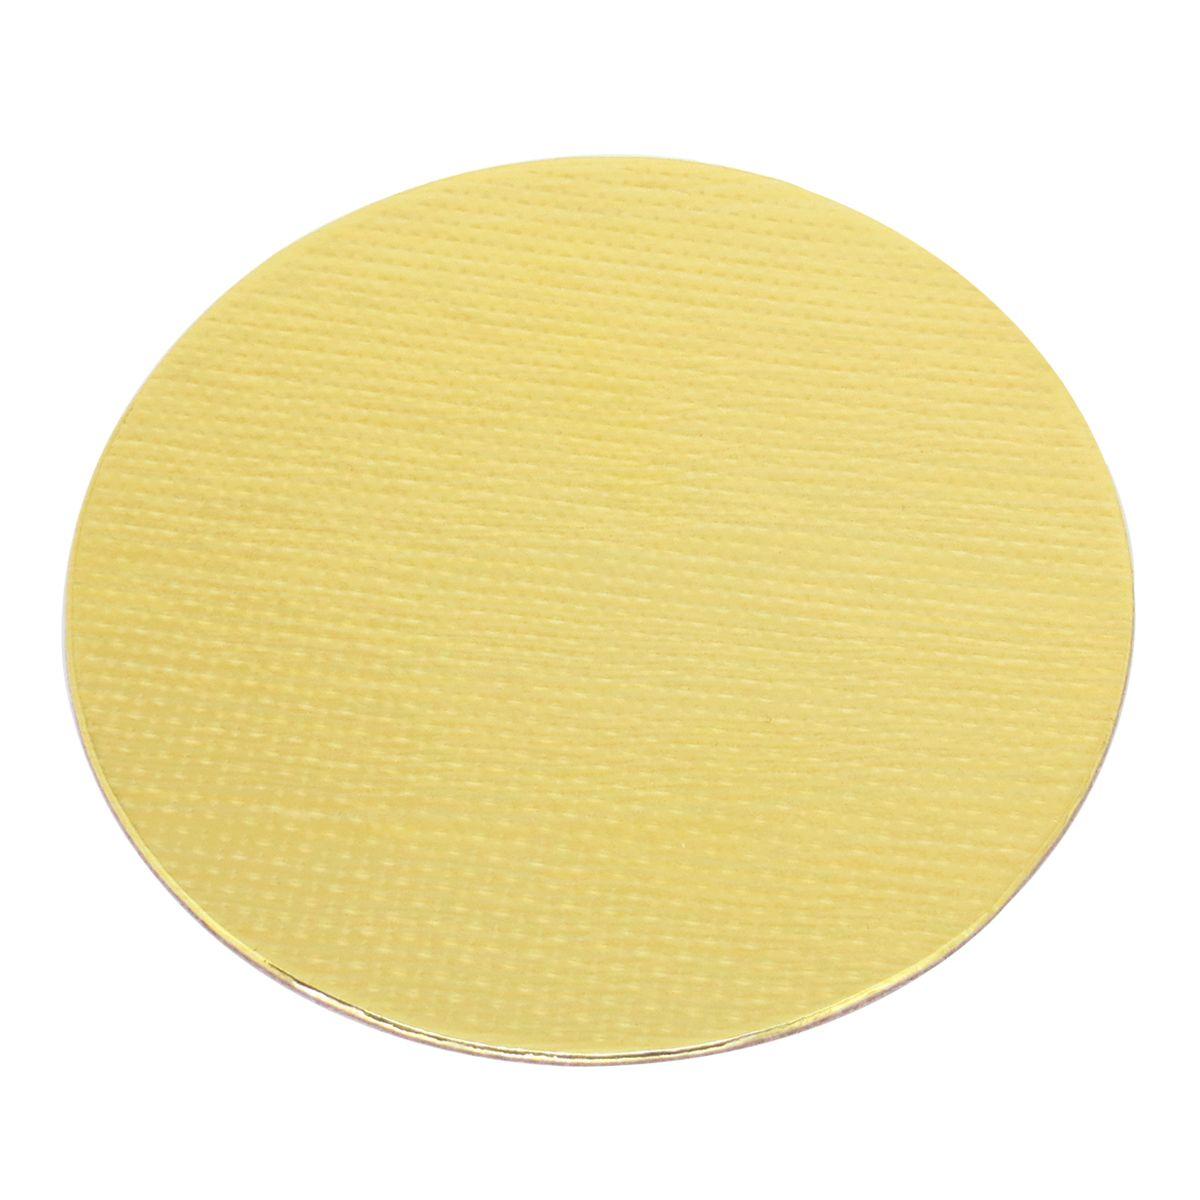 Base Laminada Redonda Dourada para Bolos 31,0cm (5uni)